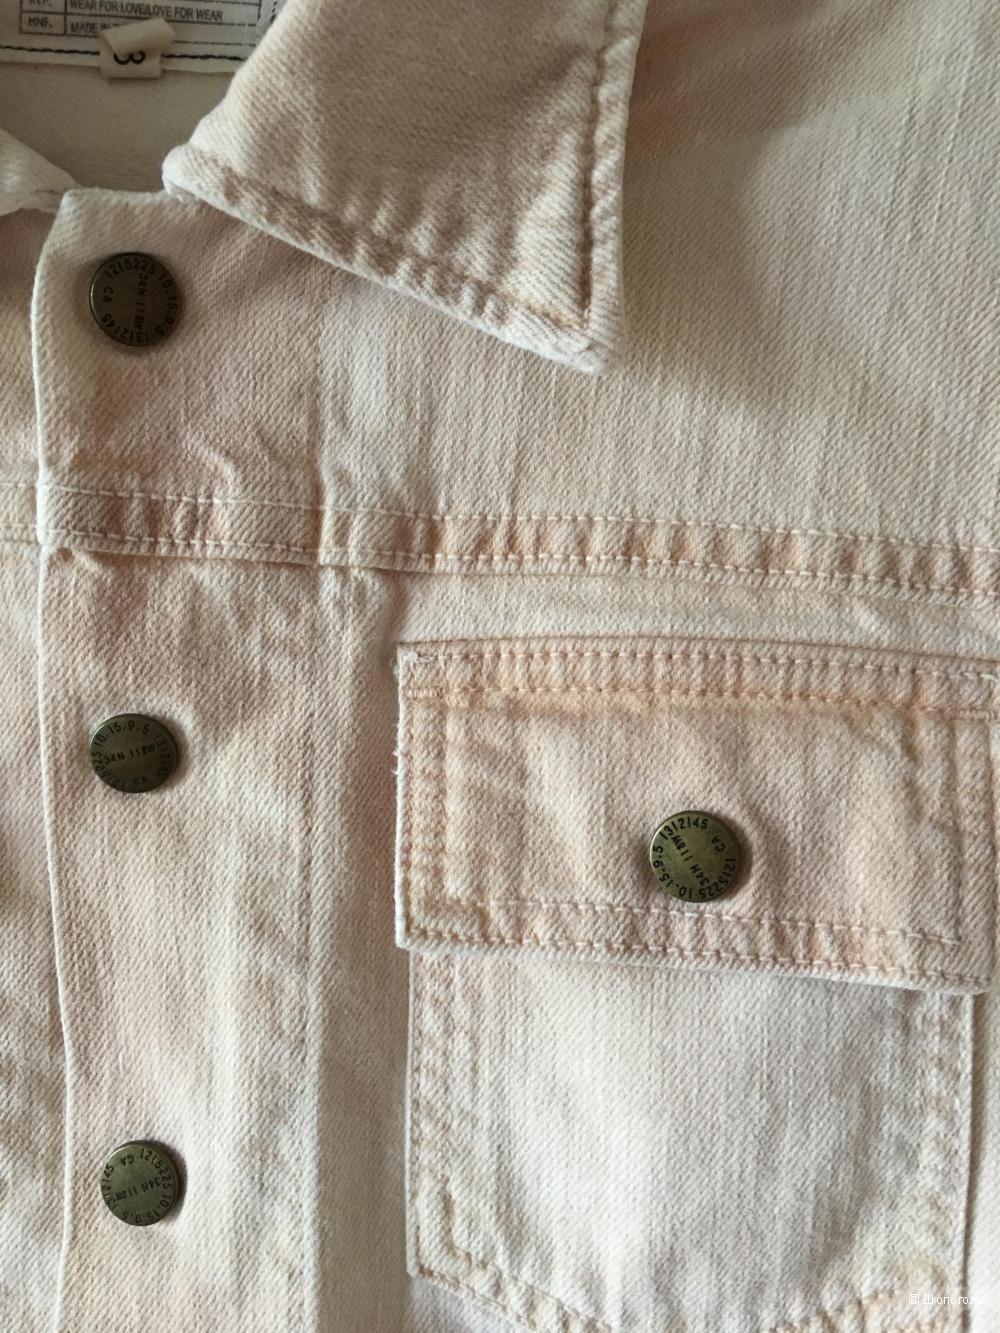 Светлая джинсовая куртка CURRENT/ELLIOT, размер 3 (на 46-48)